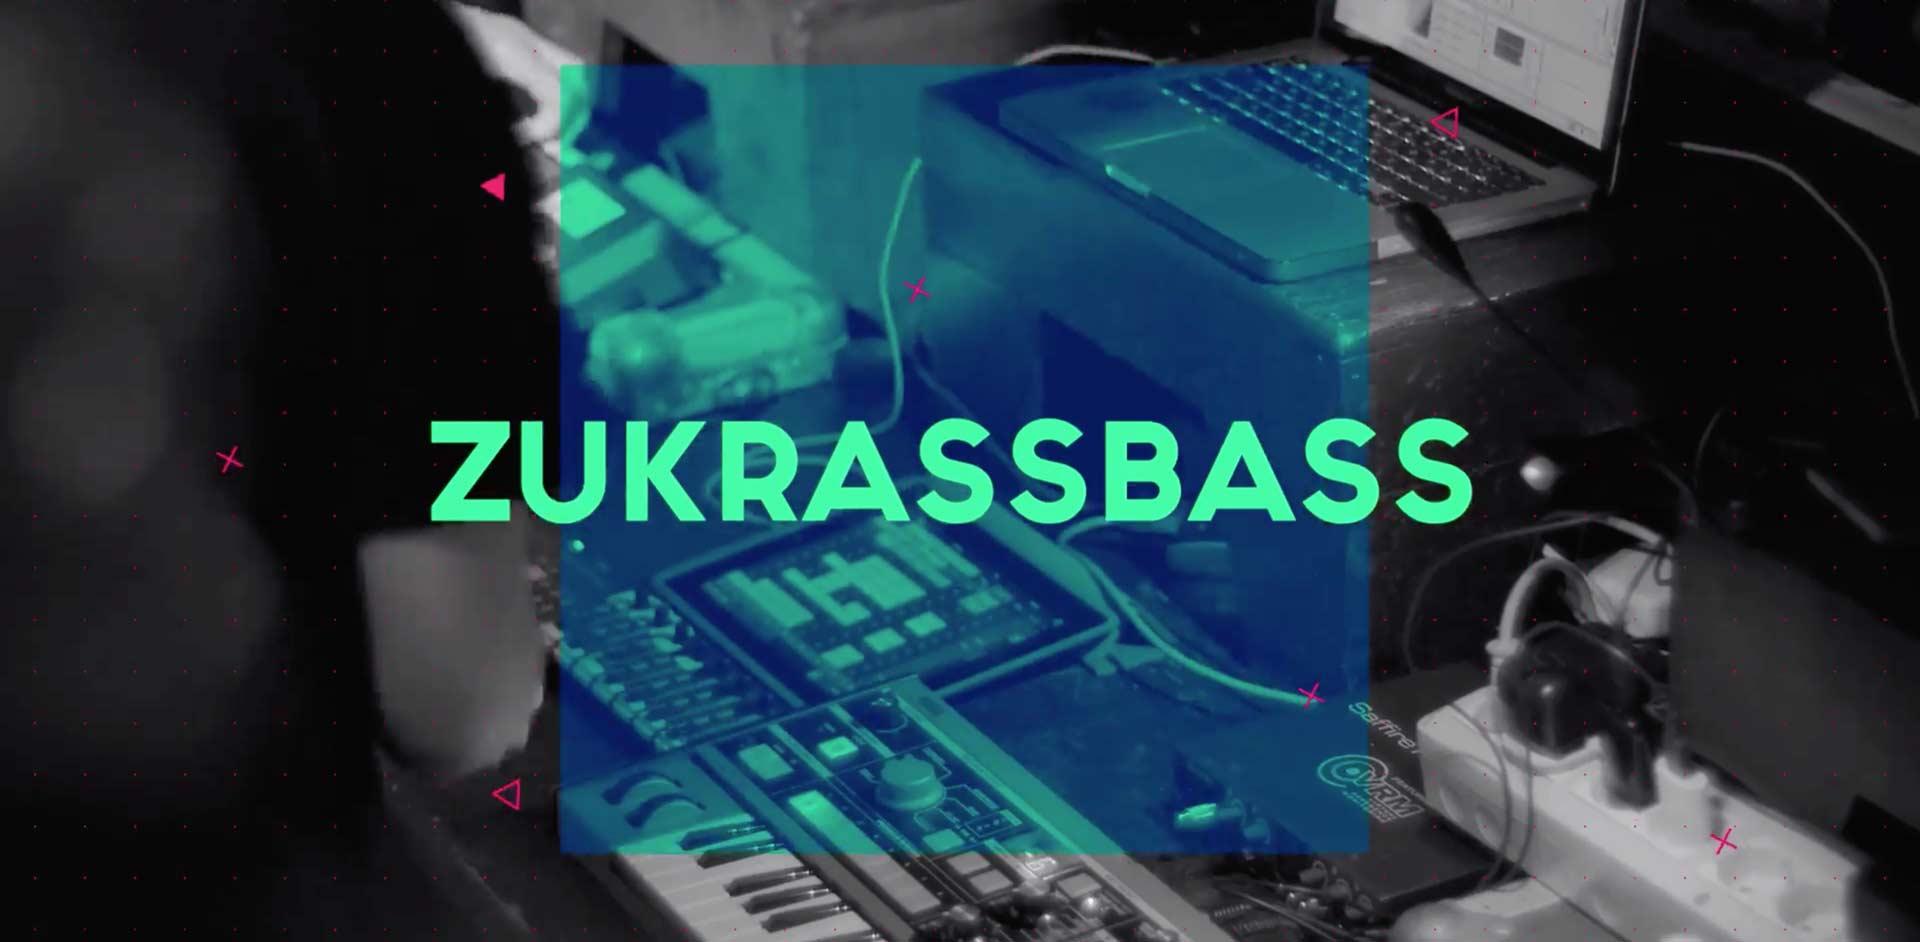 ZuKrassBass Teil 2